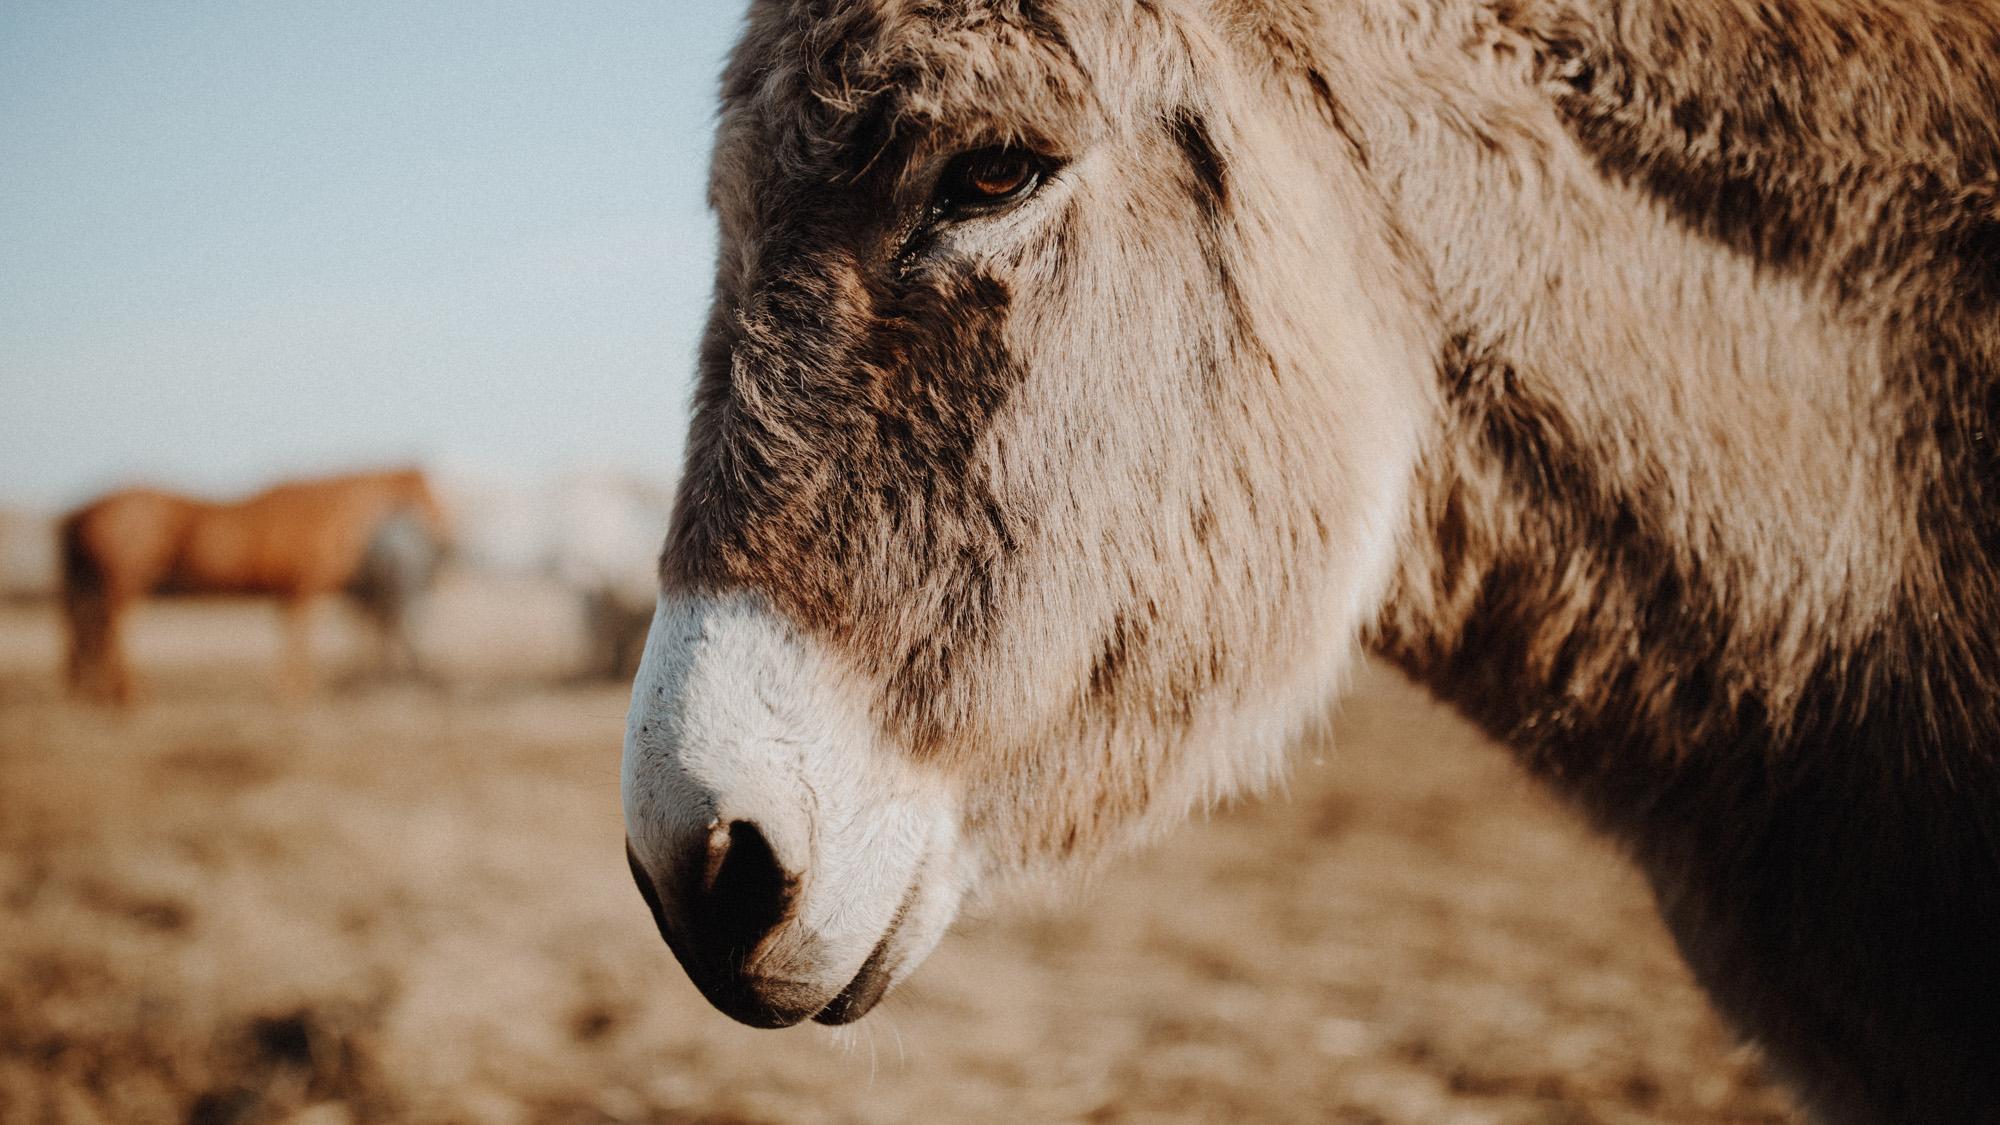 alec_vanderboom_horses_online-0004.jpg